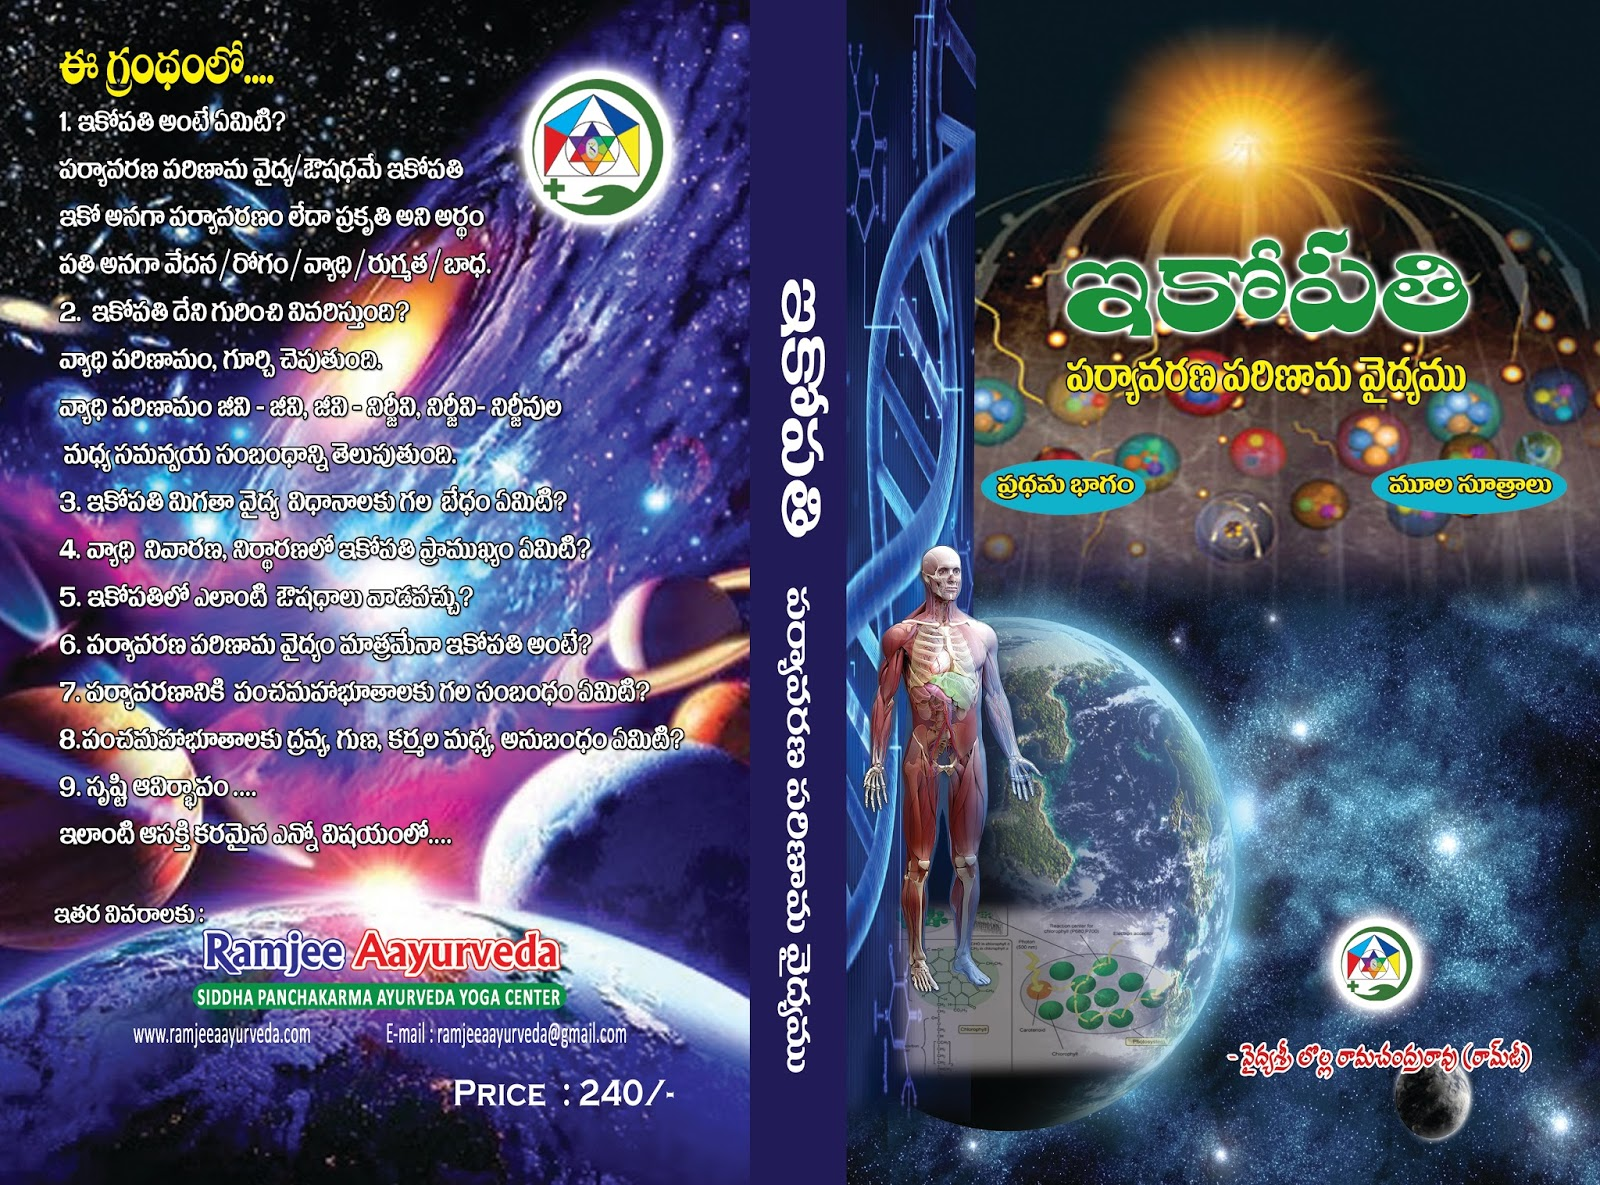 EcoPathy.in  EcoPathy.com Ecopathy Lollaramji Lollaramachandrarao Ramjee Aayurveda Bhakthi Pustakalu Bhakti Pustakalu BhakthiPustakalu BhaktiPustakalu mohanpublications